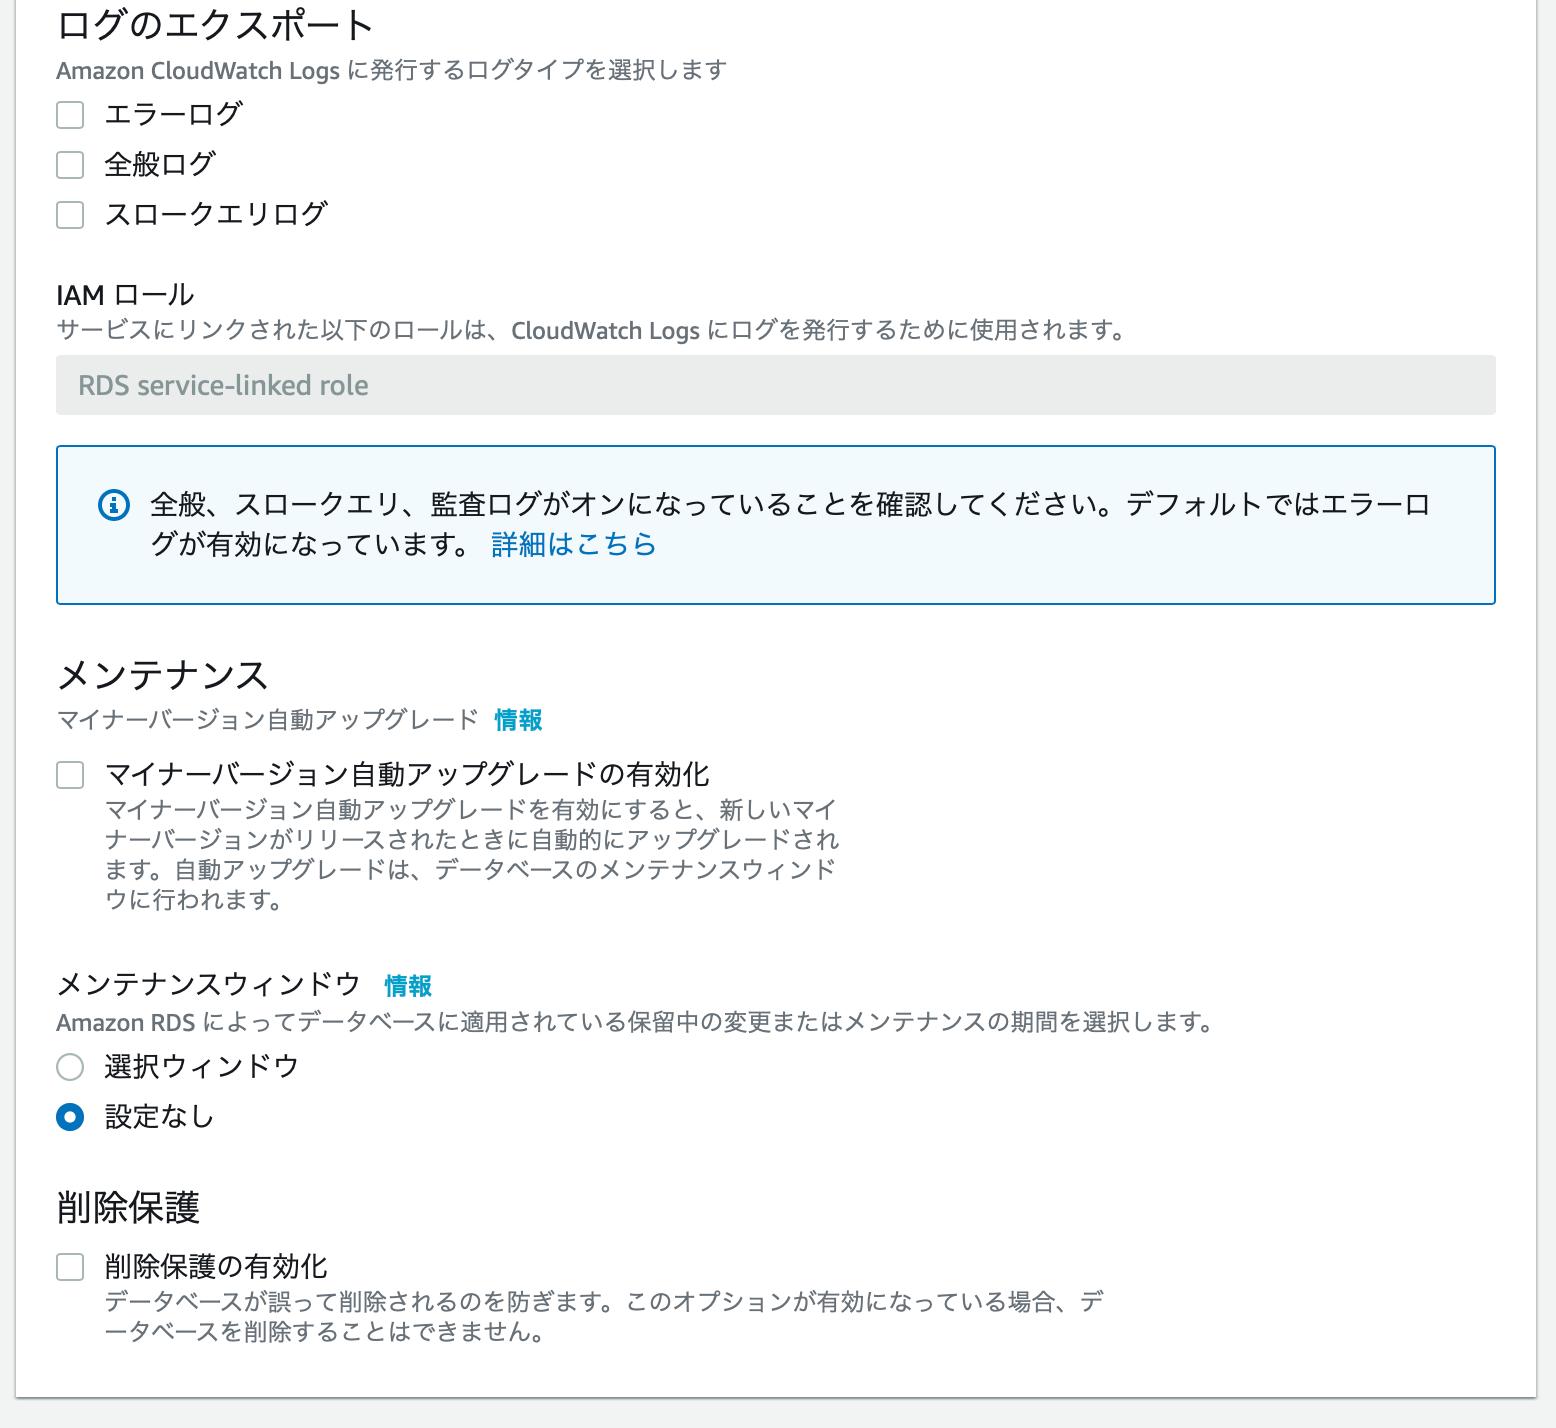 スクリーンショット 2020-10-21 3.36.28.png